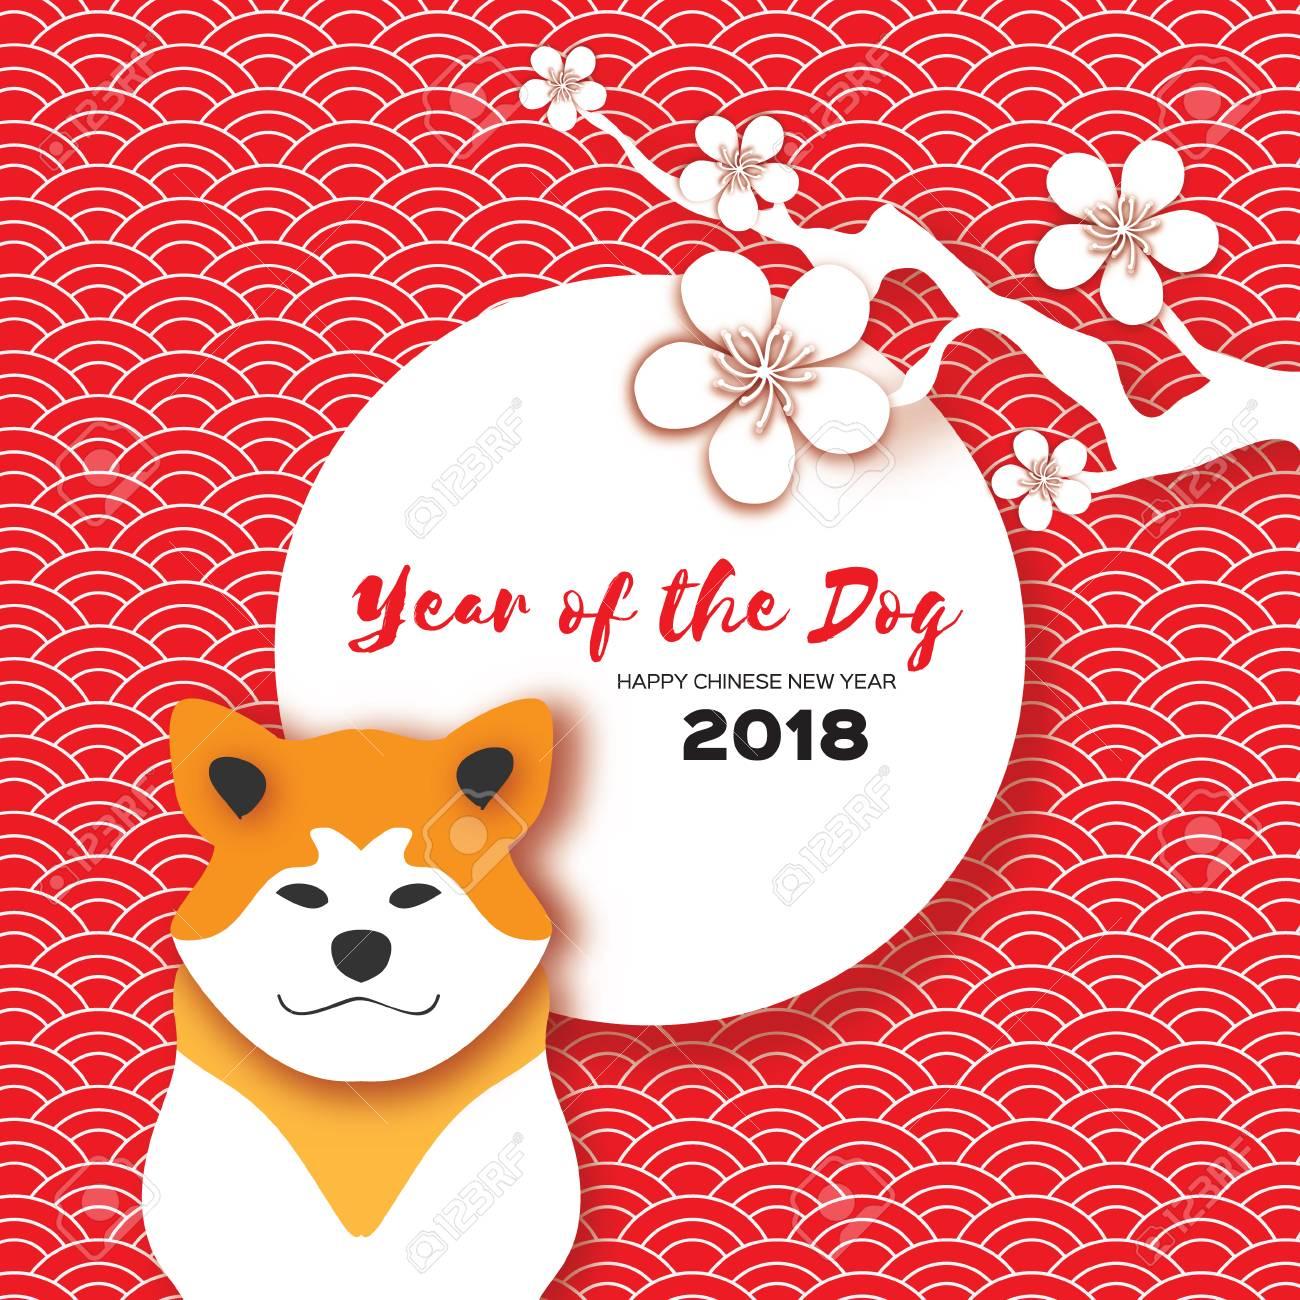 2018 Happy Chinese New Year Grußkarte. Chinesisches Jahr Des Hundes ...